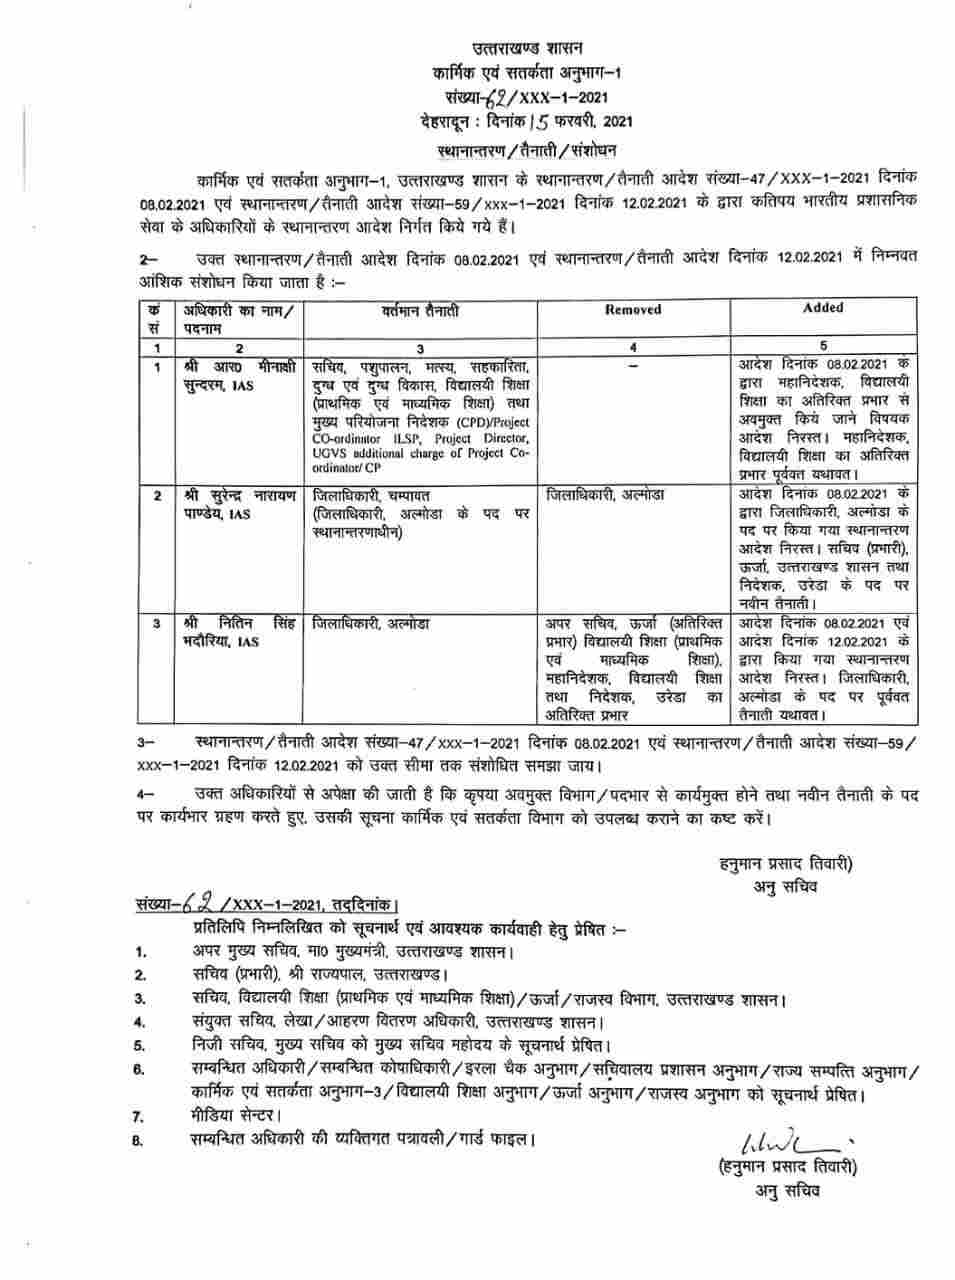 प्रदेश में IAS अधिकारियों में फिर फेरबदल, कुछ जिलाधिकारियों के स्थानांतरण भी हुए निरस्त 2